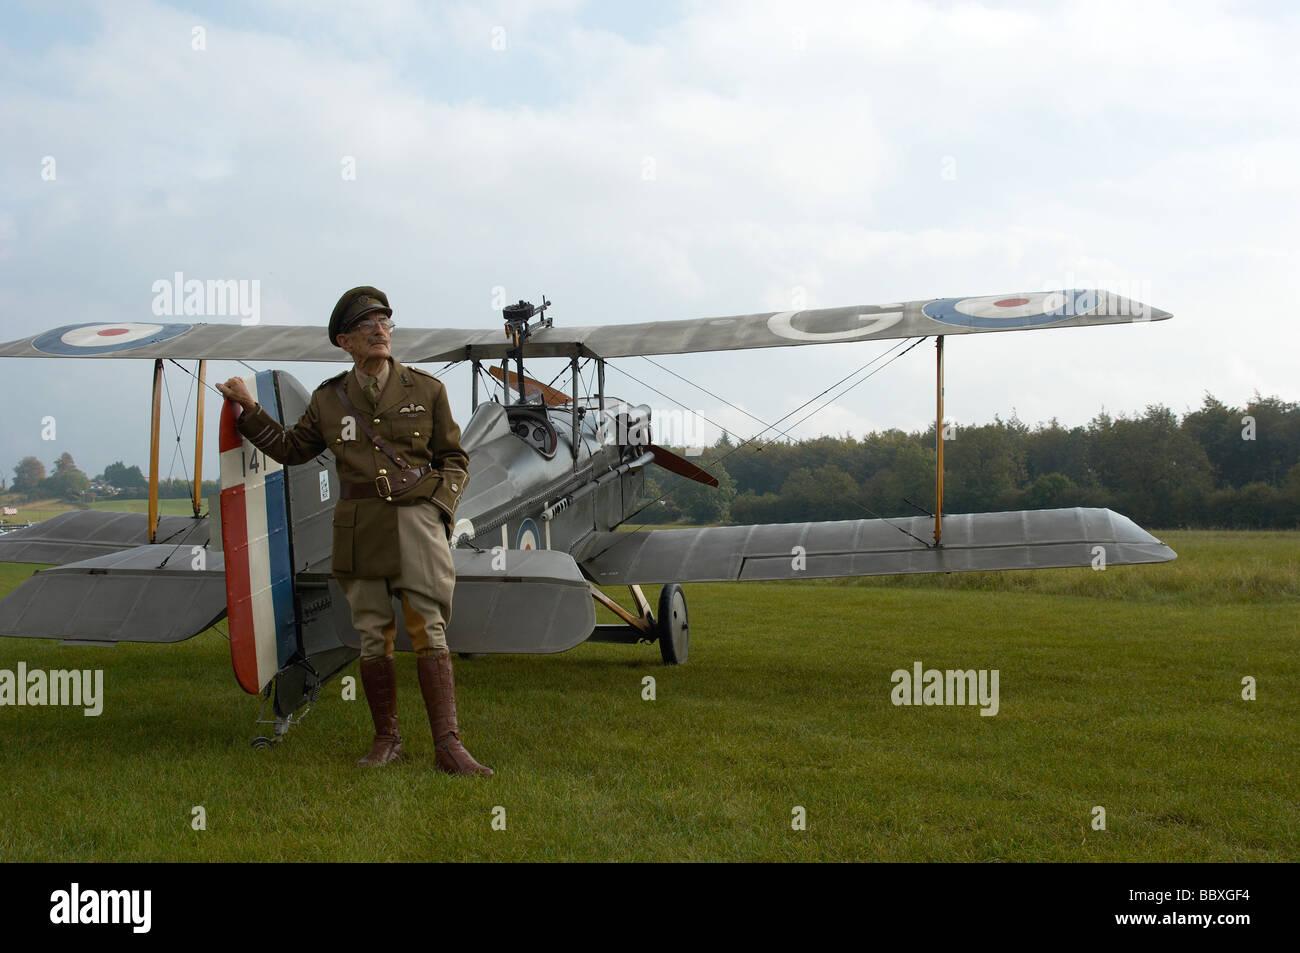 dfcb33a03b090 Projet pilote de Spitfire et Popham airfield en Grande-Bretagne. Photo Stock